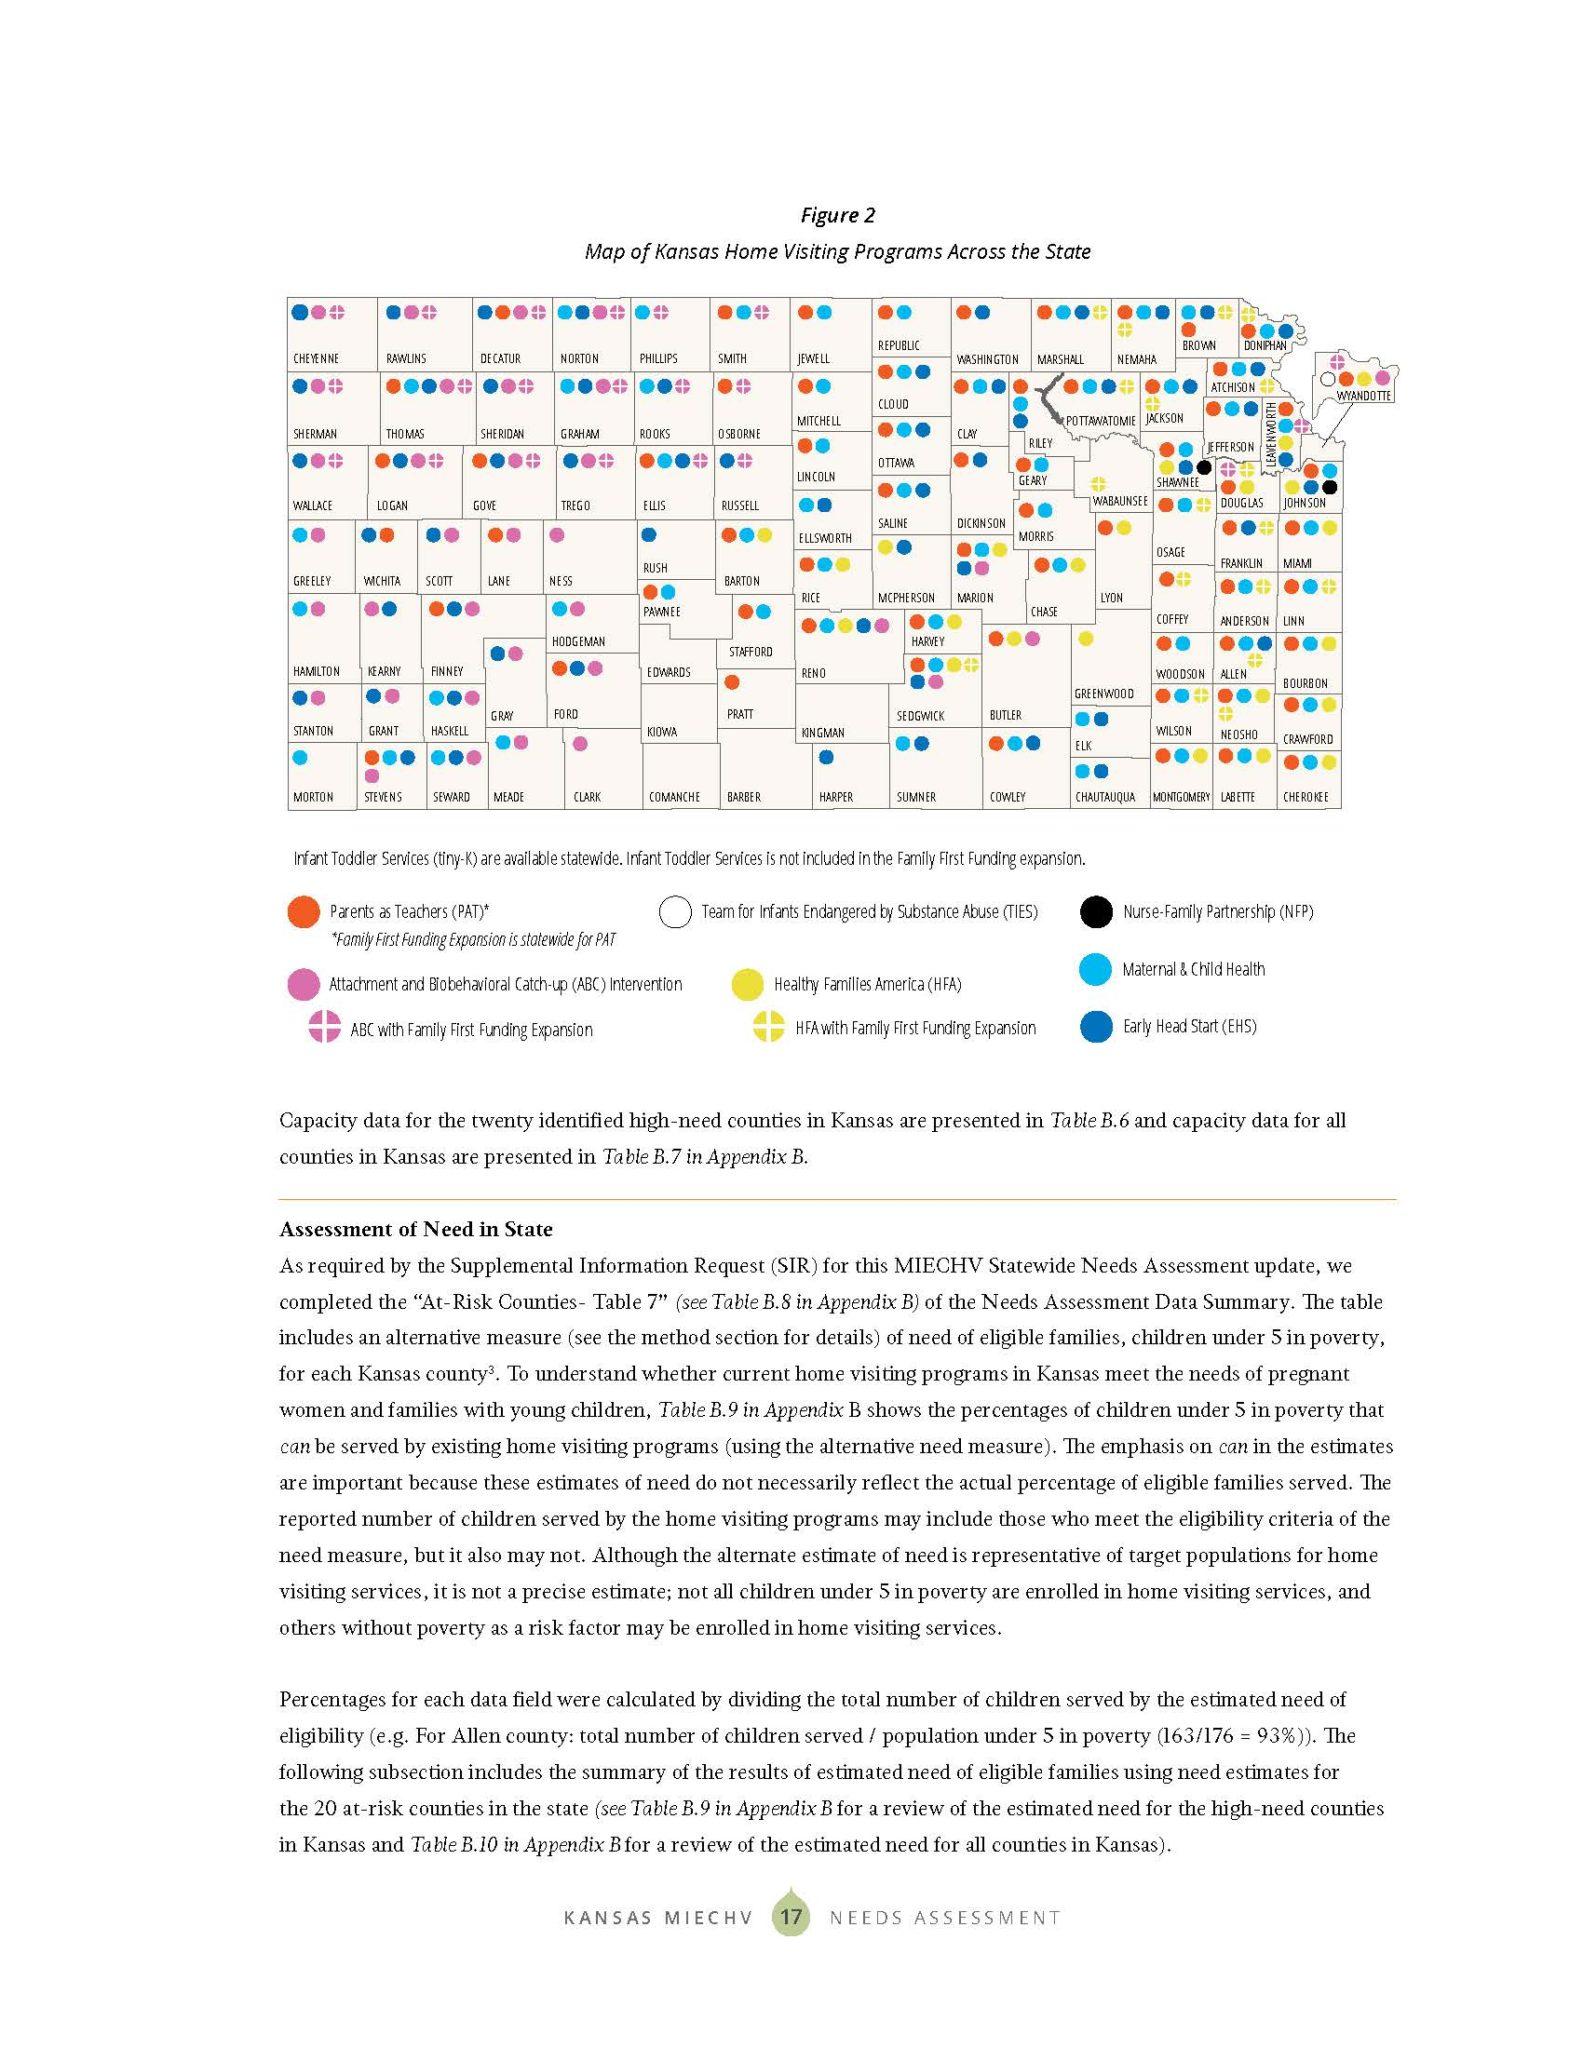 KS MIECHV 2020 Needs Assessment_DIGITAL_Page_025